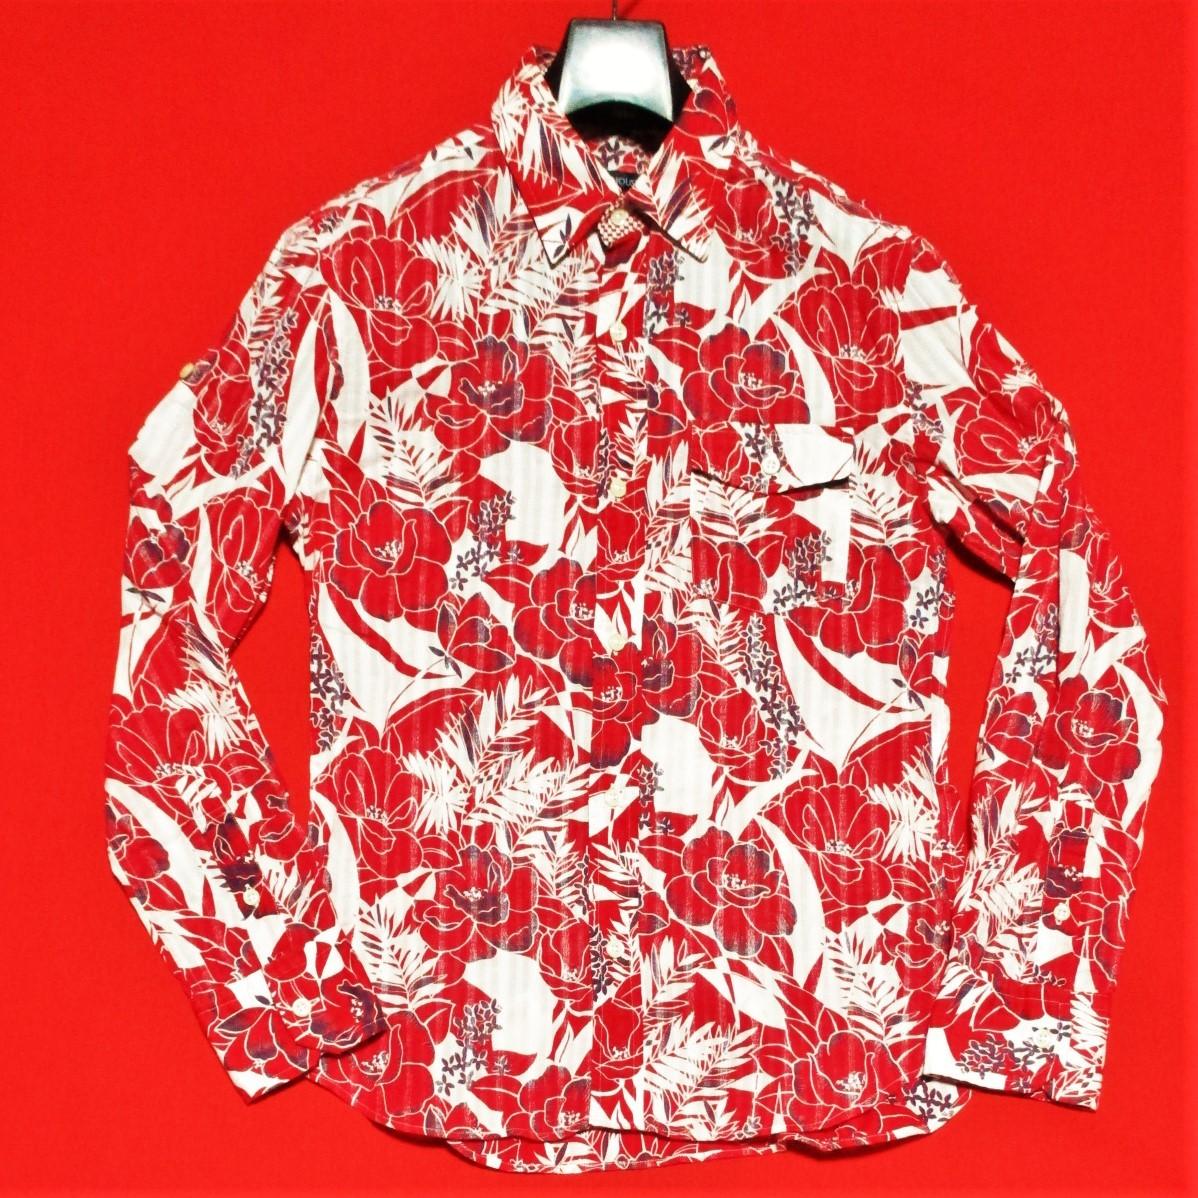 アバハウス★アロハ花柄 かすれストライプ 長袖シャツ 袖丈調節可能 本格ヴィンテージデザイン 赤×白 3 リゾート テレワーク&クールビズ◎_画像1